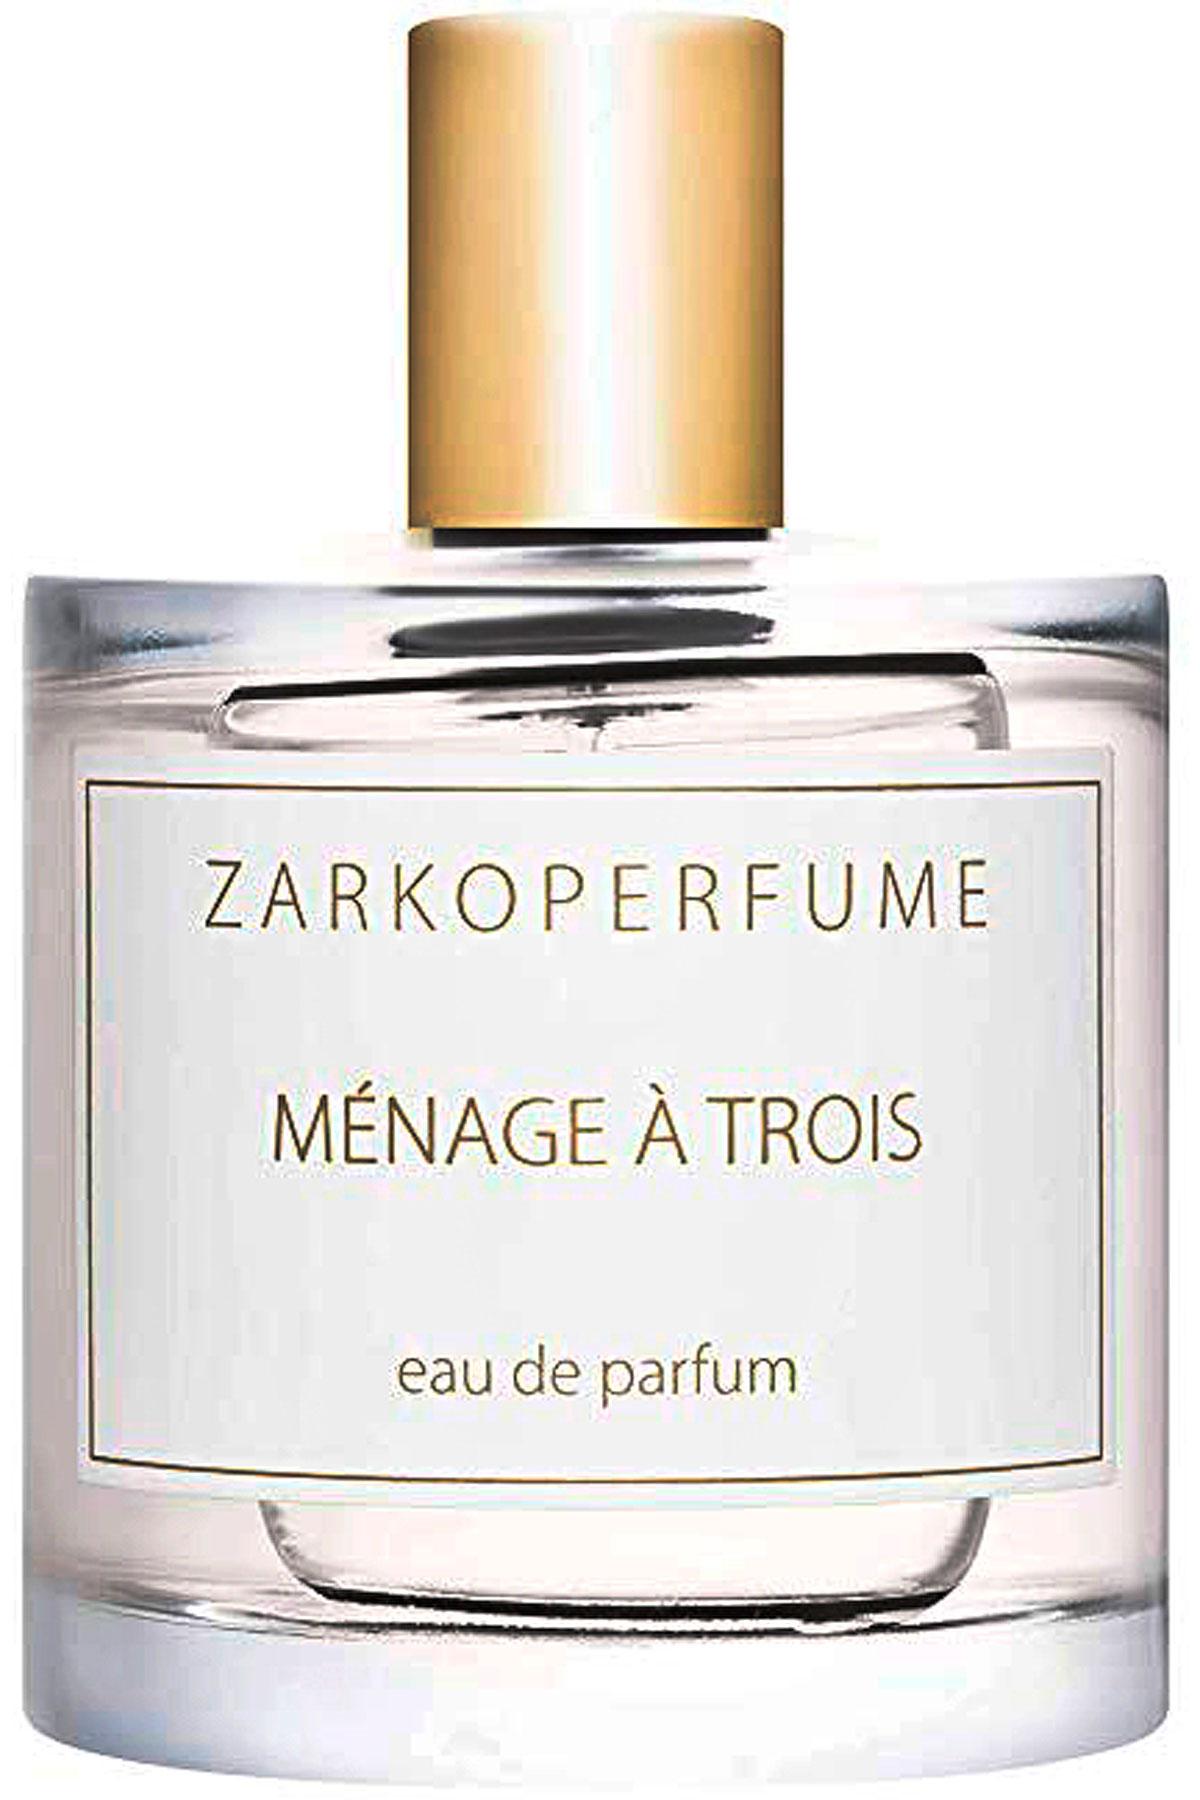 Zarkoperfume Fragrances for Women, Menage A Trois - Eau De Parfum - 100 Ml, 2019, 100 ml